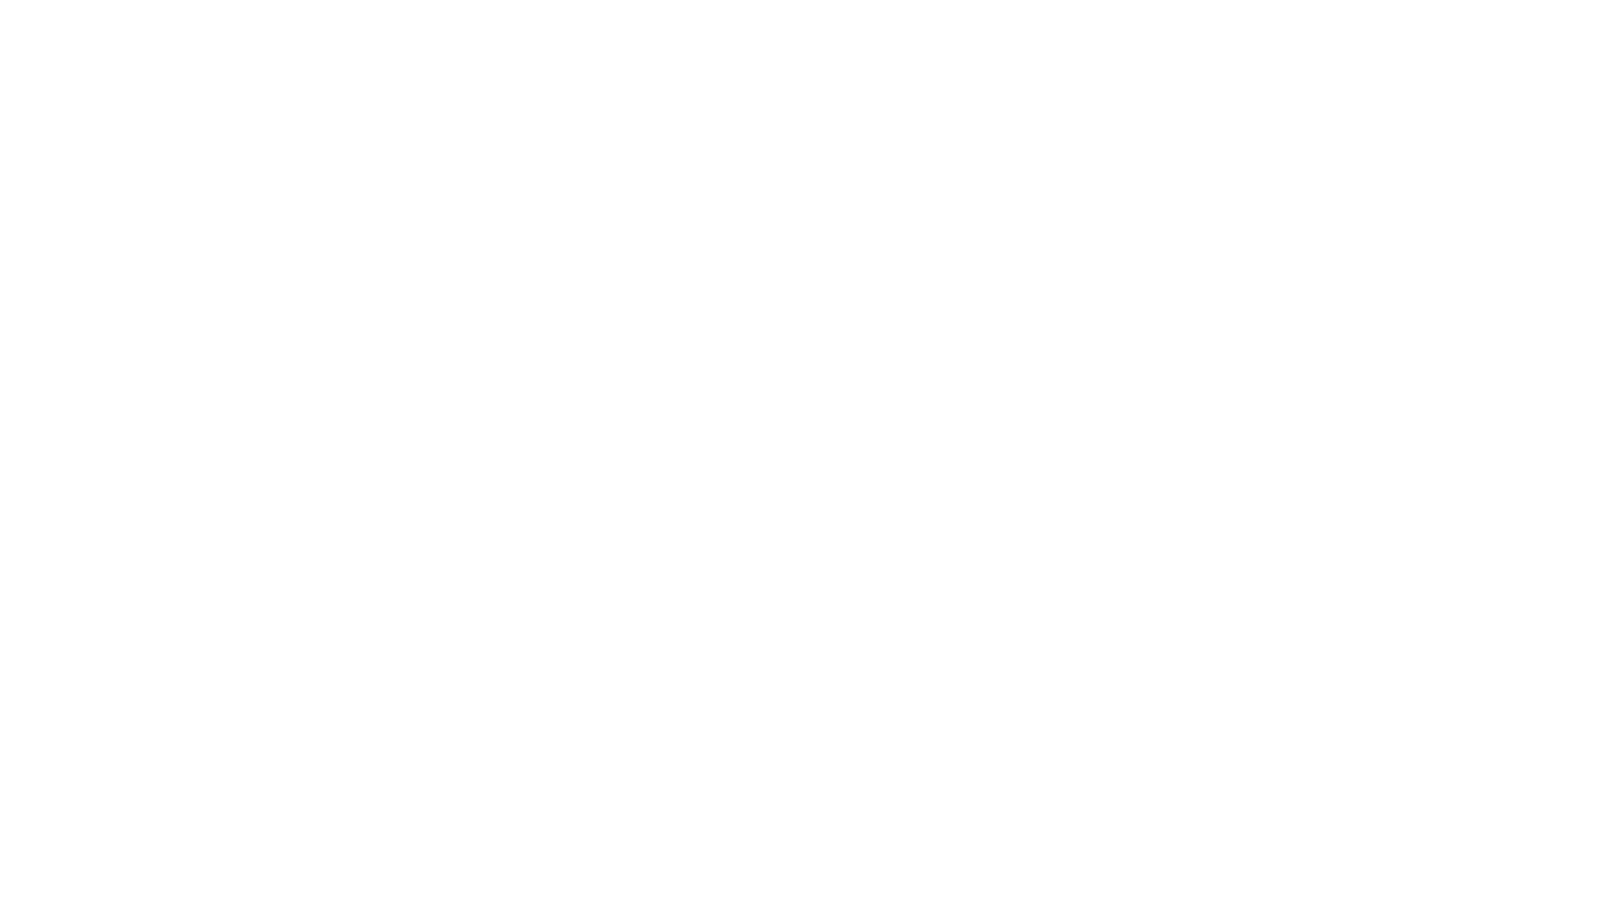 画家 長谷川資朗 万葉集に歌われた情景を美しい女性の姿を借りて描く。 それに文様が組み合わさり歌の世界が象徴的・抽象的に表現される。また日本の伝統をもとに油絵に変化を加えている。 オフィシャルサイト「HASEGAWA」https://shiro-hasegawa.com お問い合わせ 「株式会社 敷島画廊」 https://www.g-shikishima.com/index.html #万葉集#絵画#大伴家持#文様#油絵